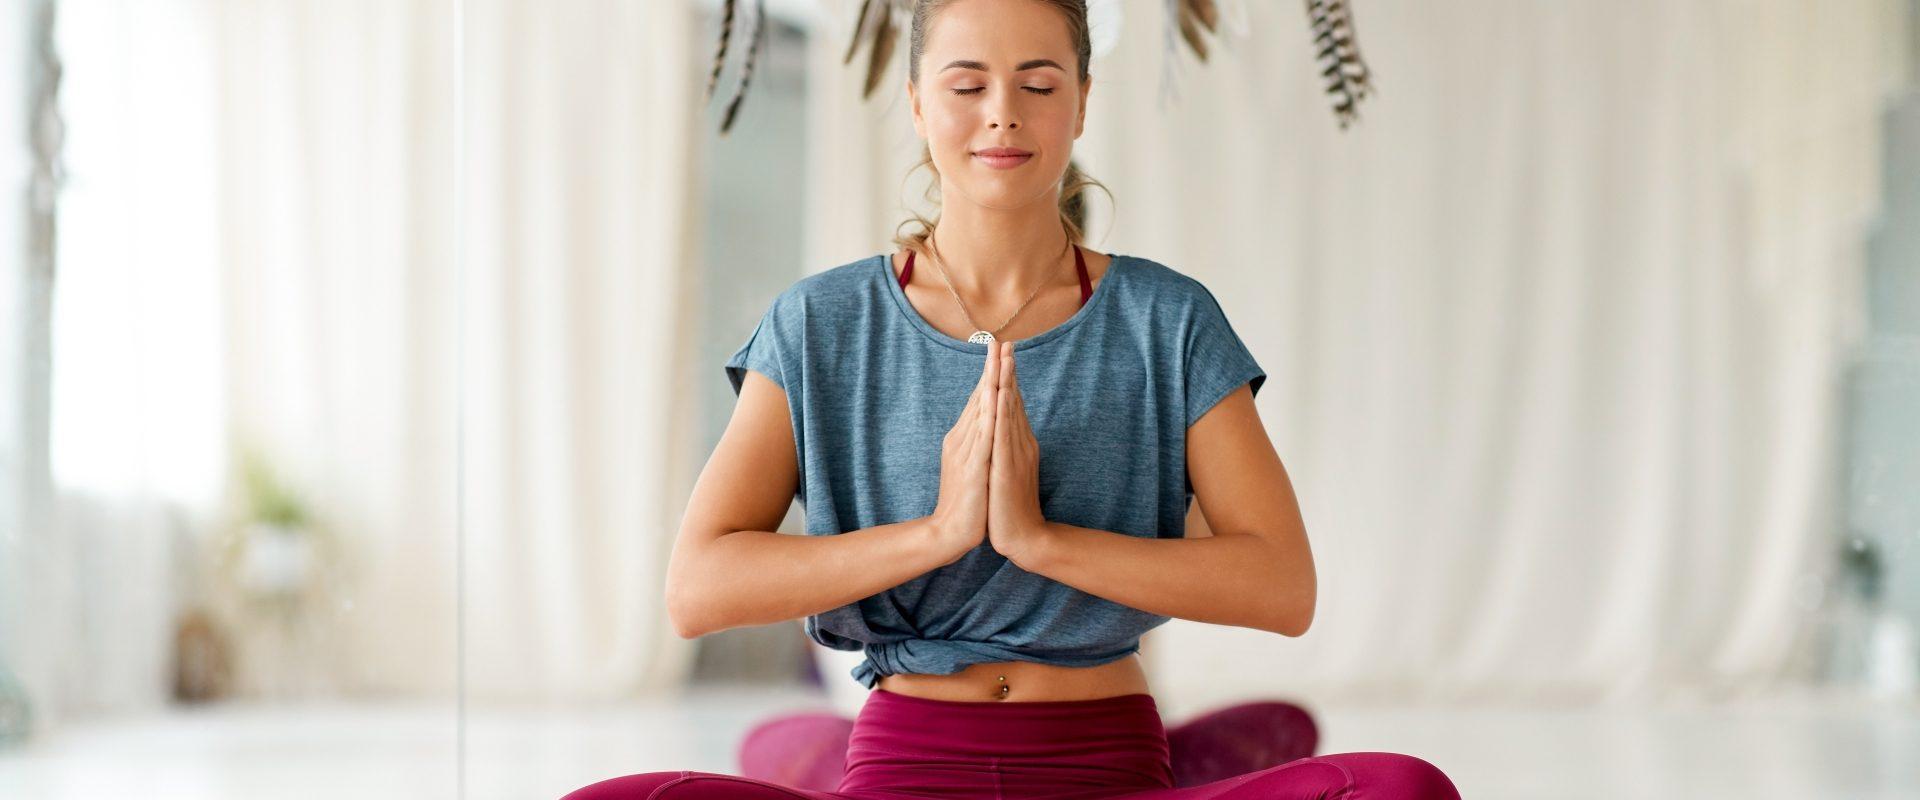 Techniki relaksacyjne - jakie warto znać? Kobieta w trakcje medytacji siedzi w pozycji kwiatu lotosu.